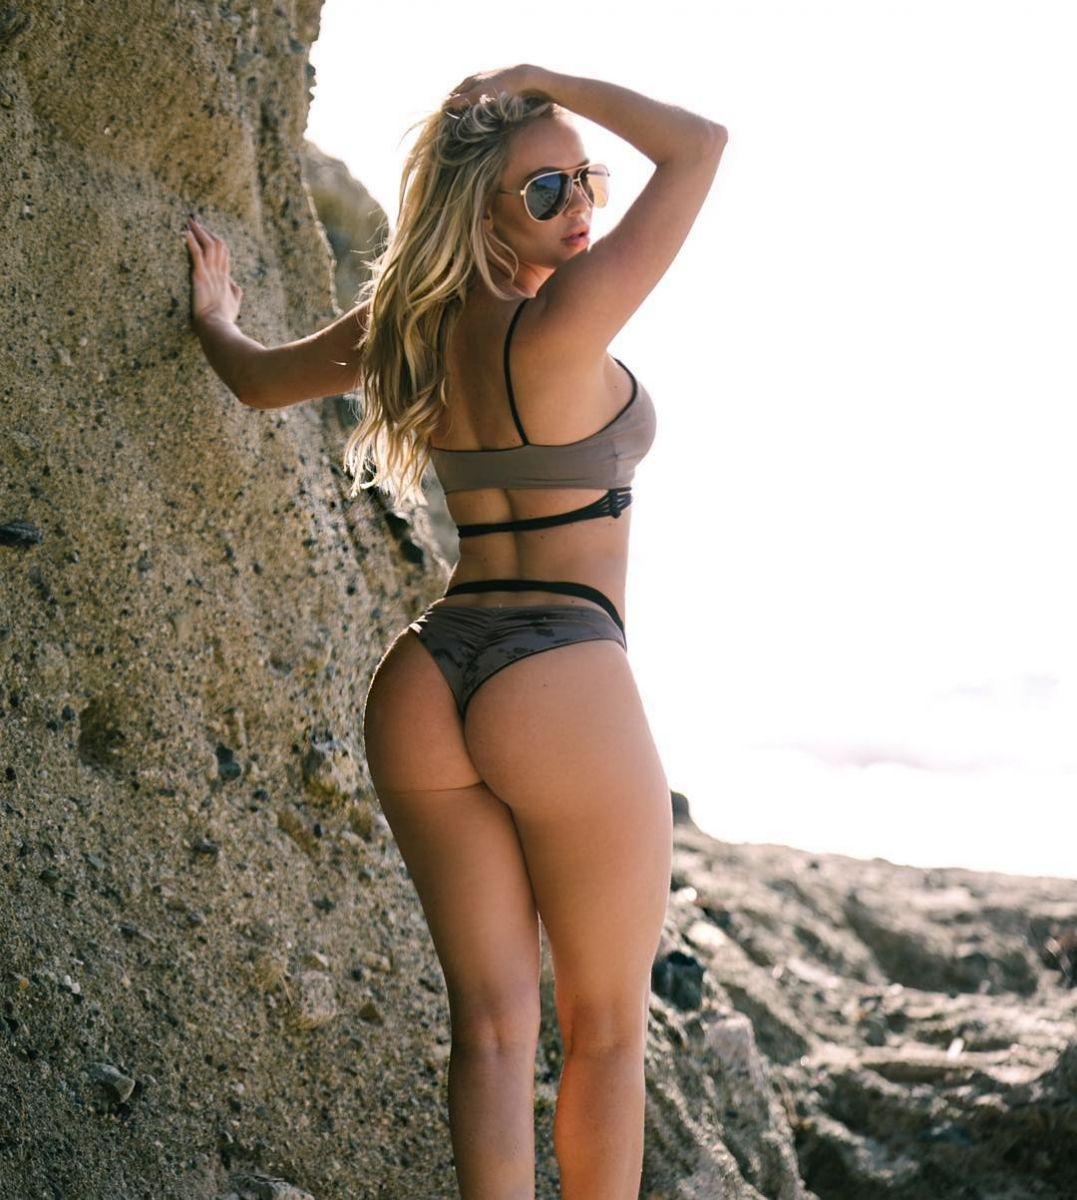 34-летняя звезда Playboy умерла после инсульта